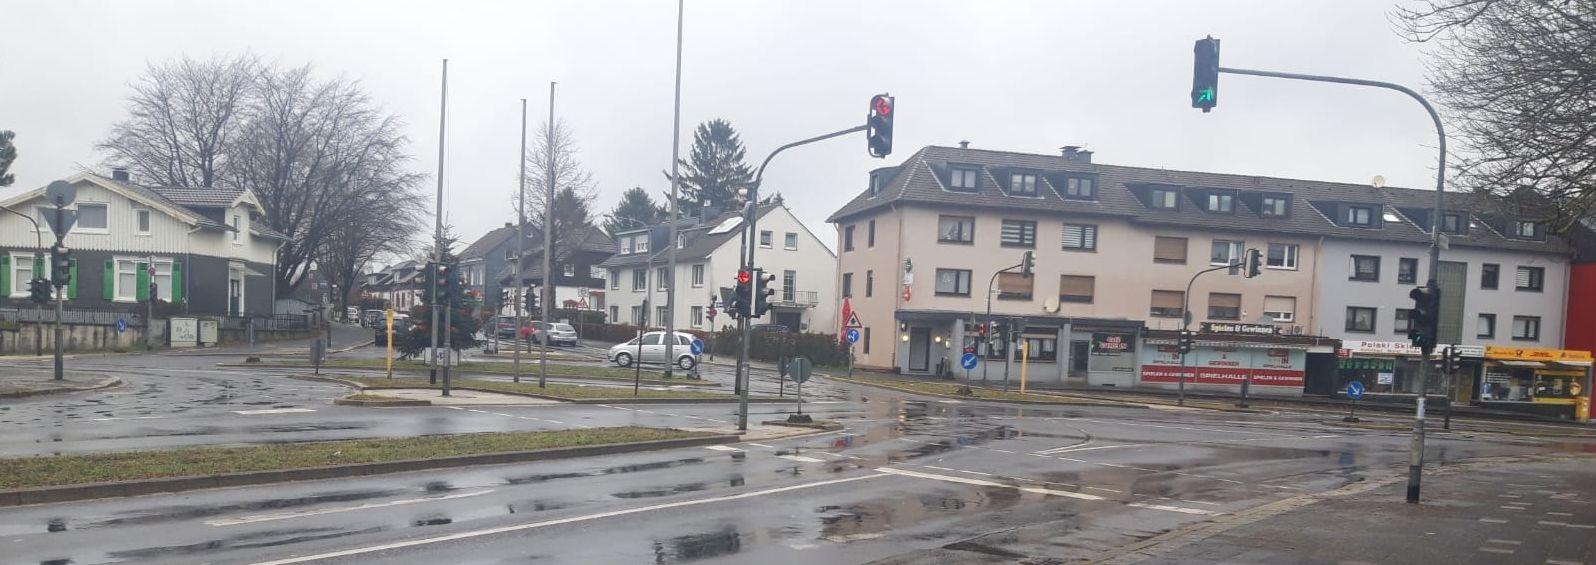 Planung Umbaumaßnahme Kreuzung Eisernstein soll 2020 vergeben werden